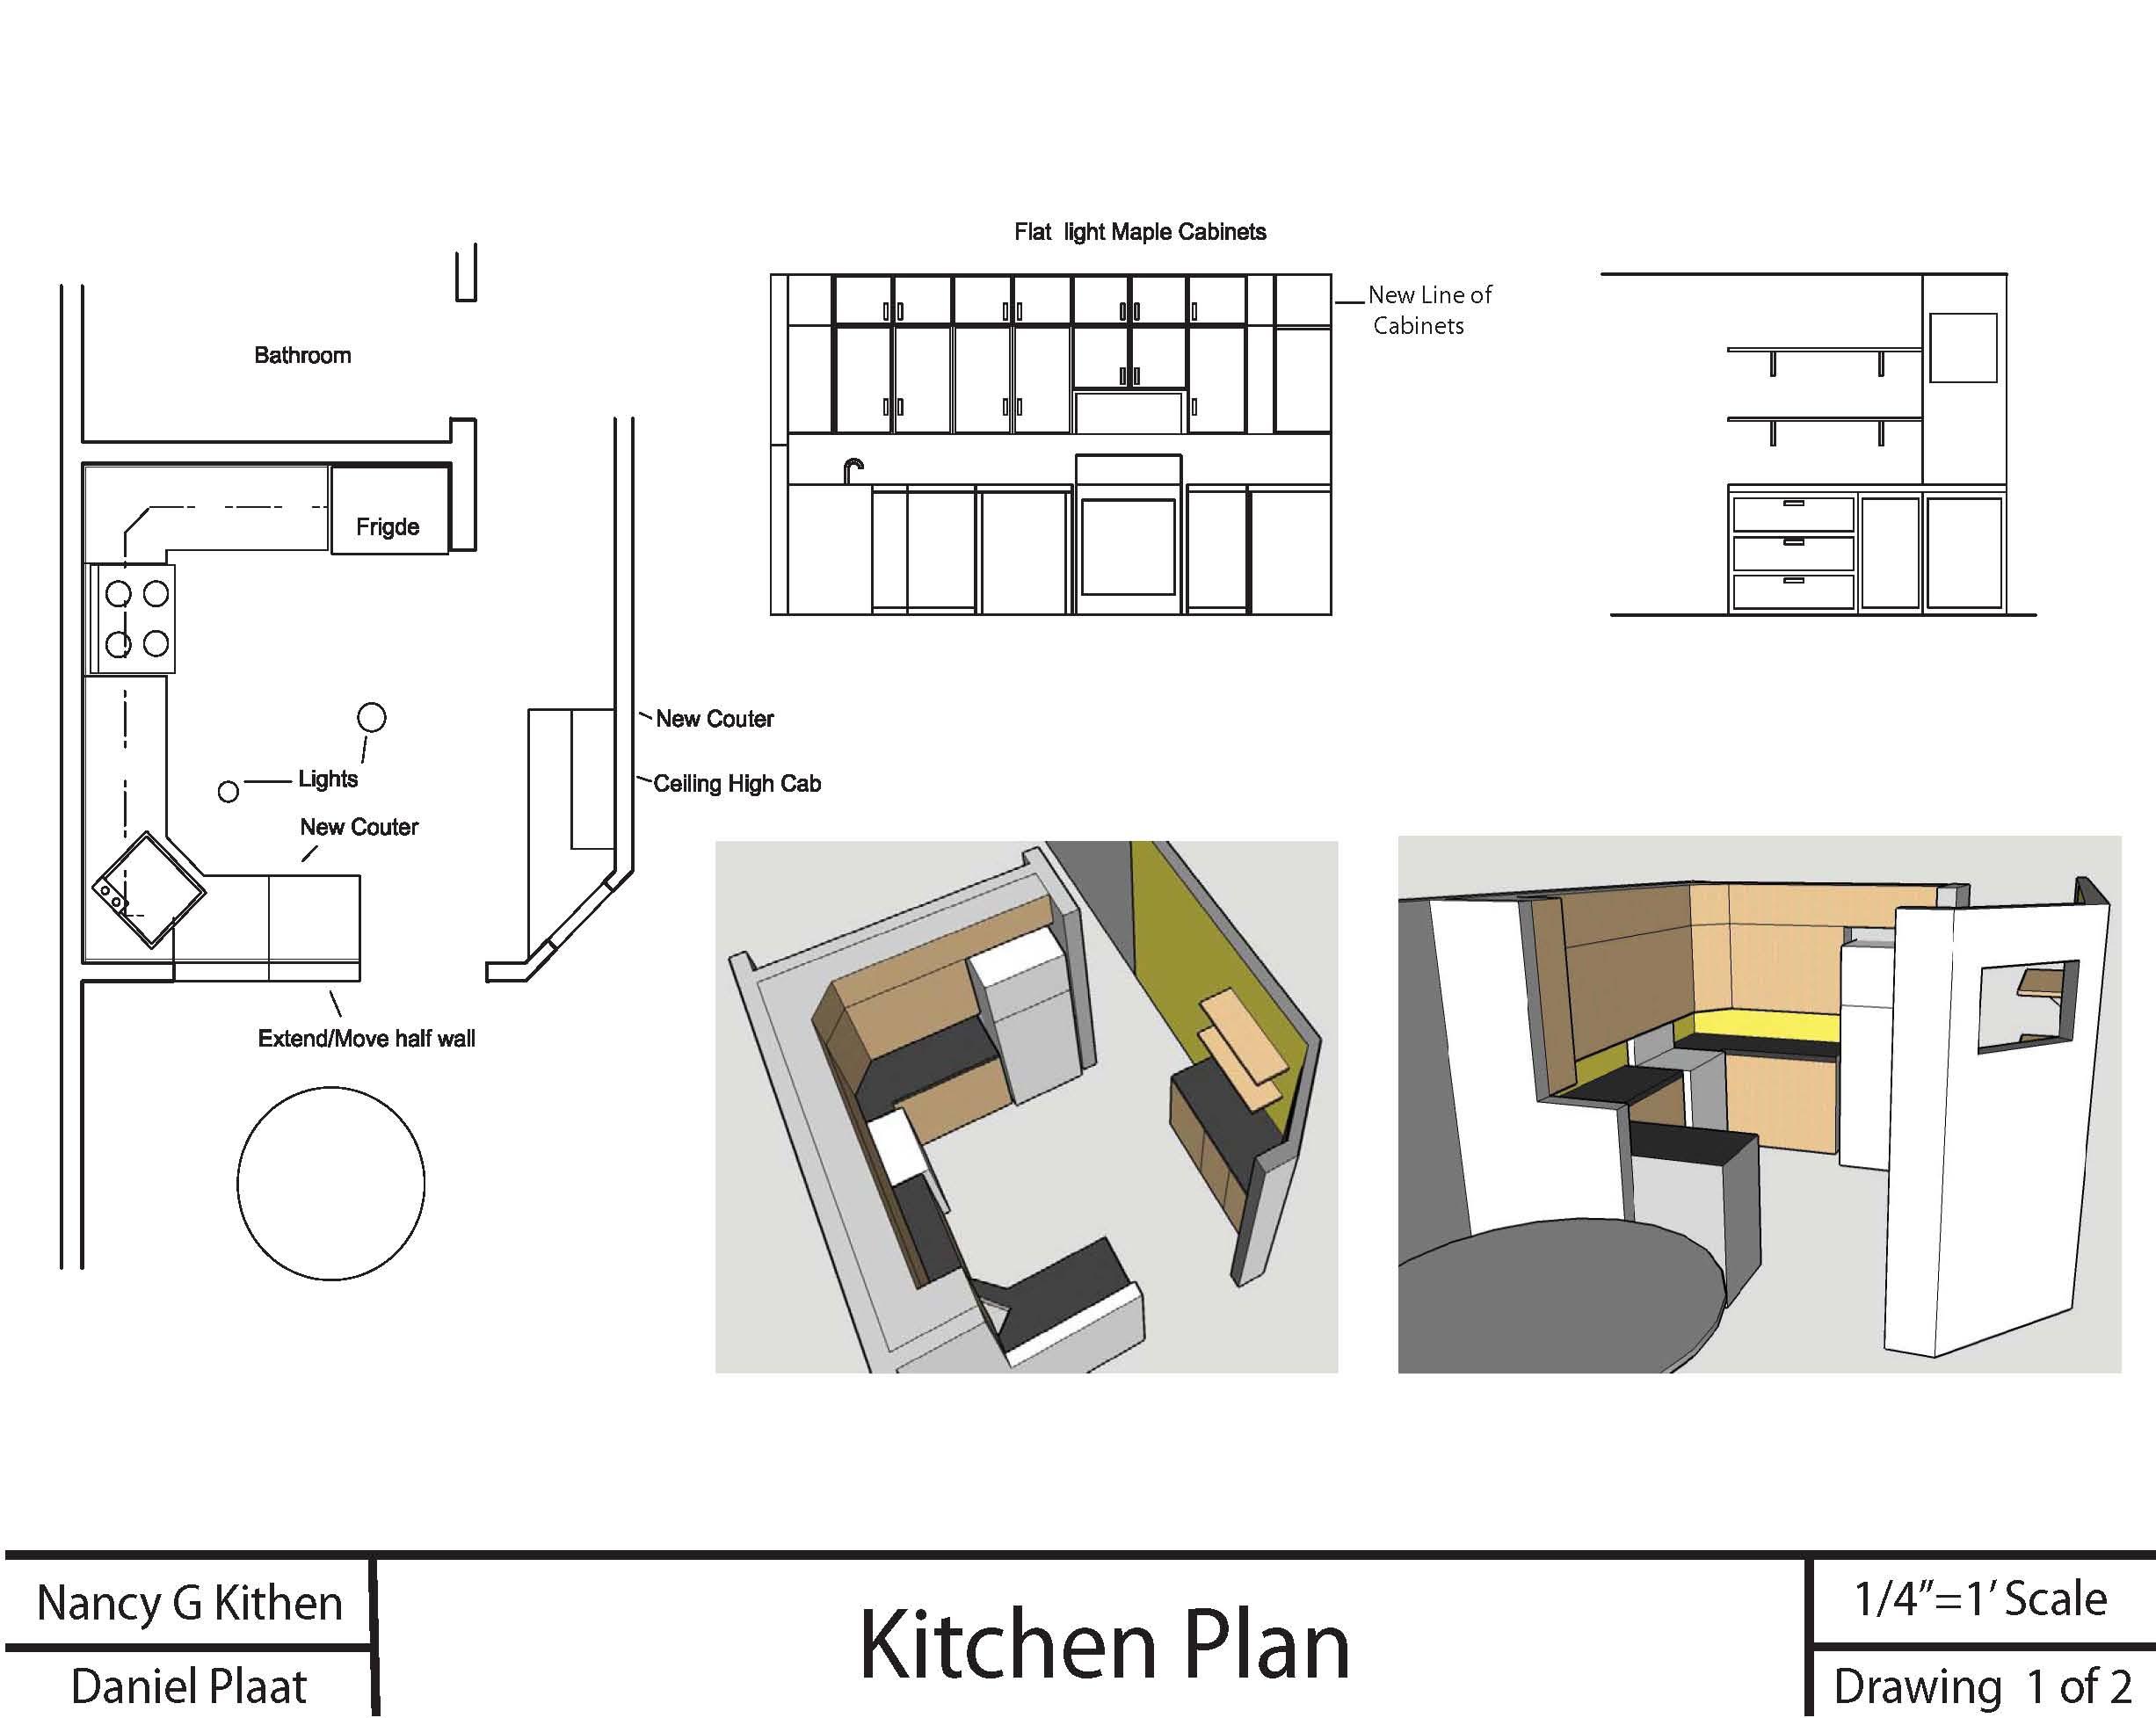 NG Kitchen Drawings.jpg